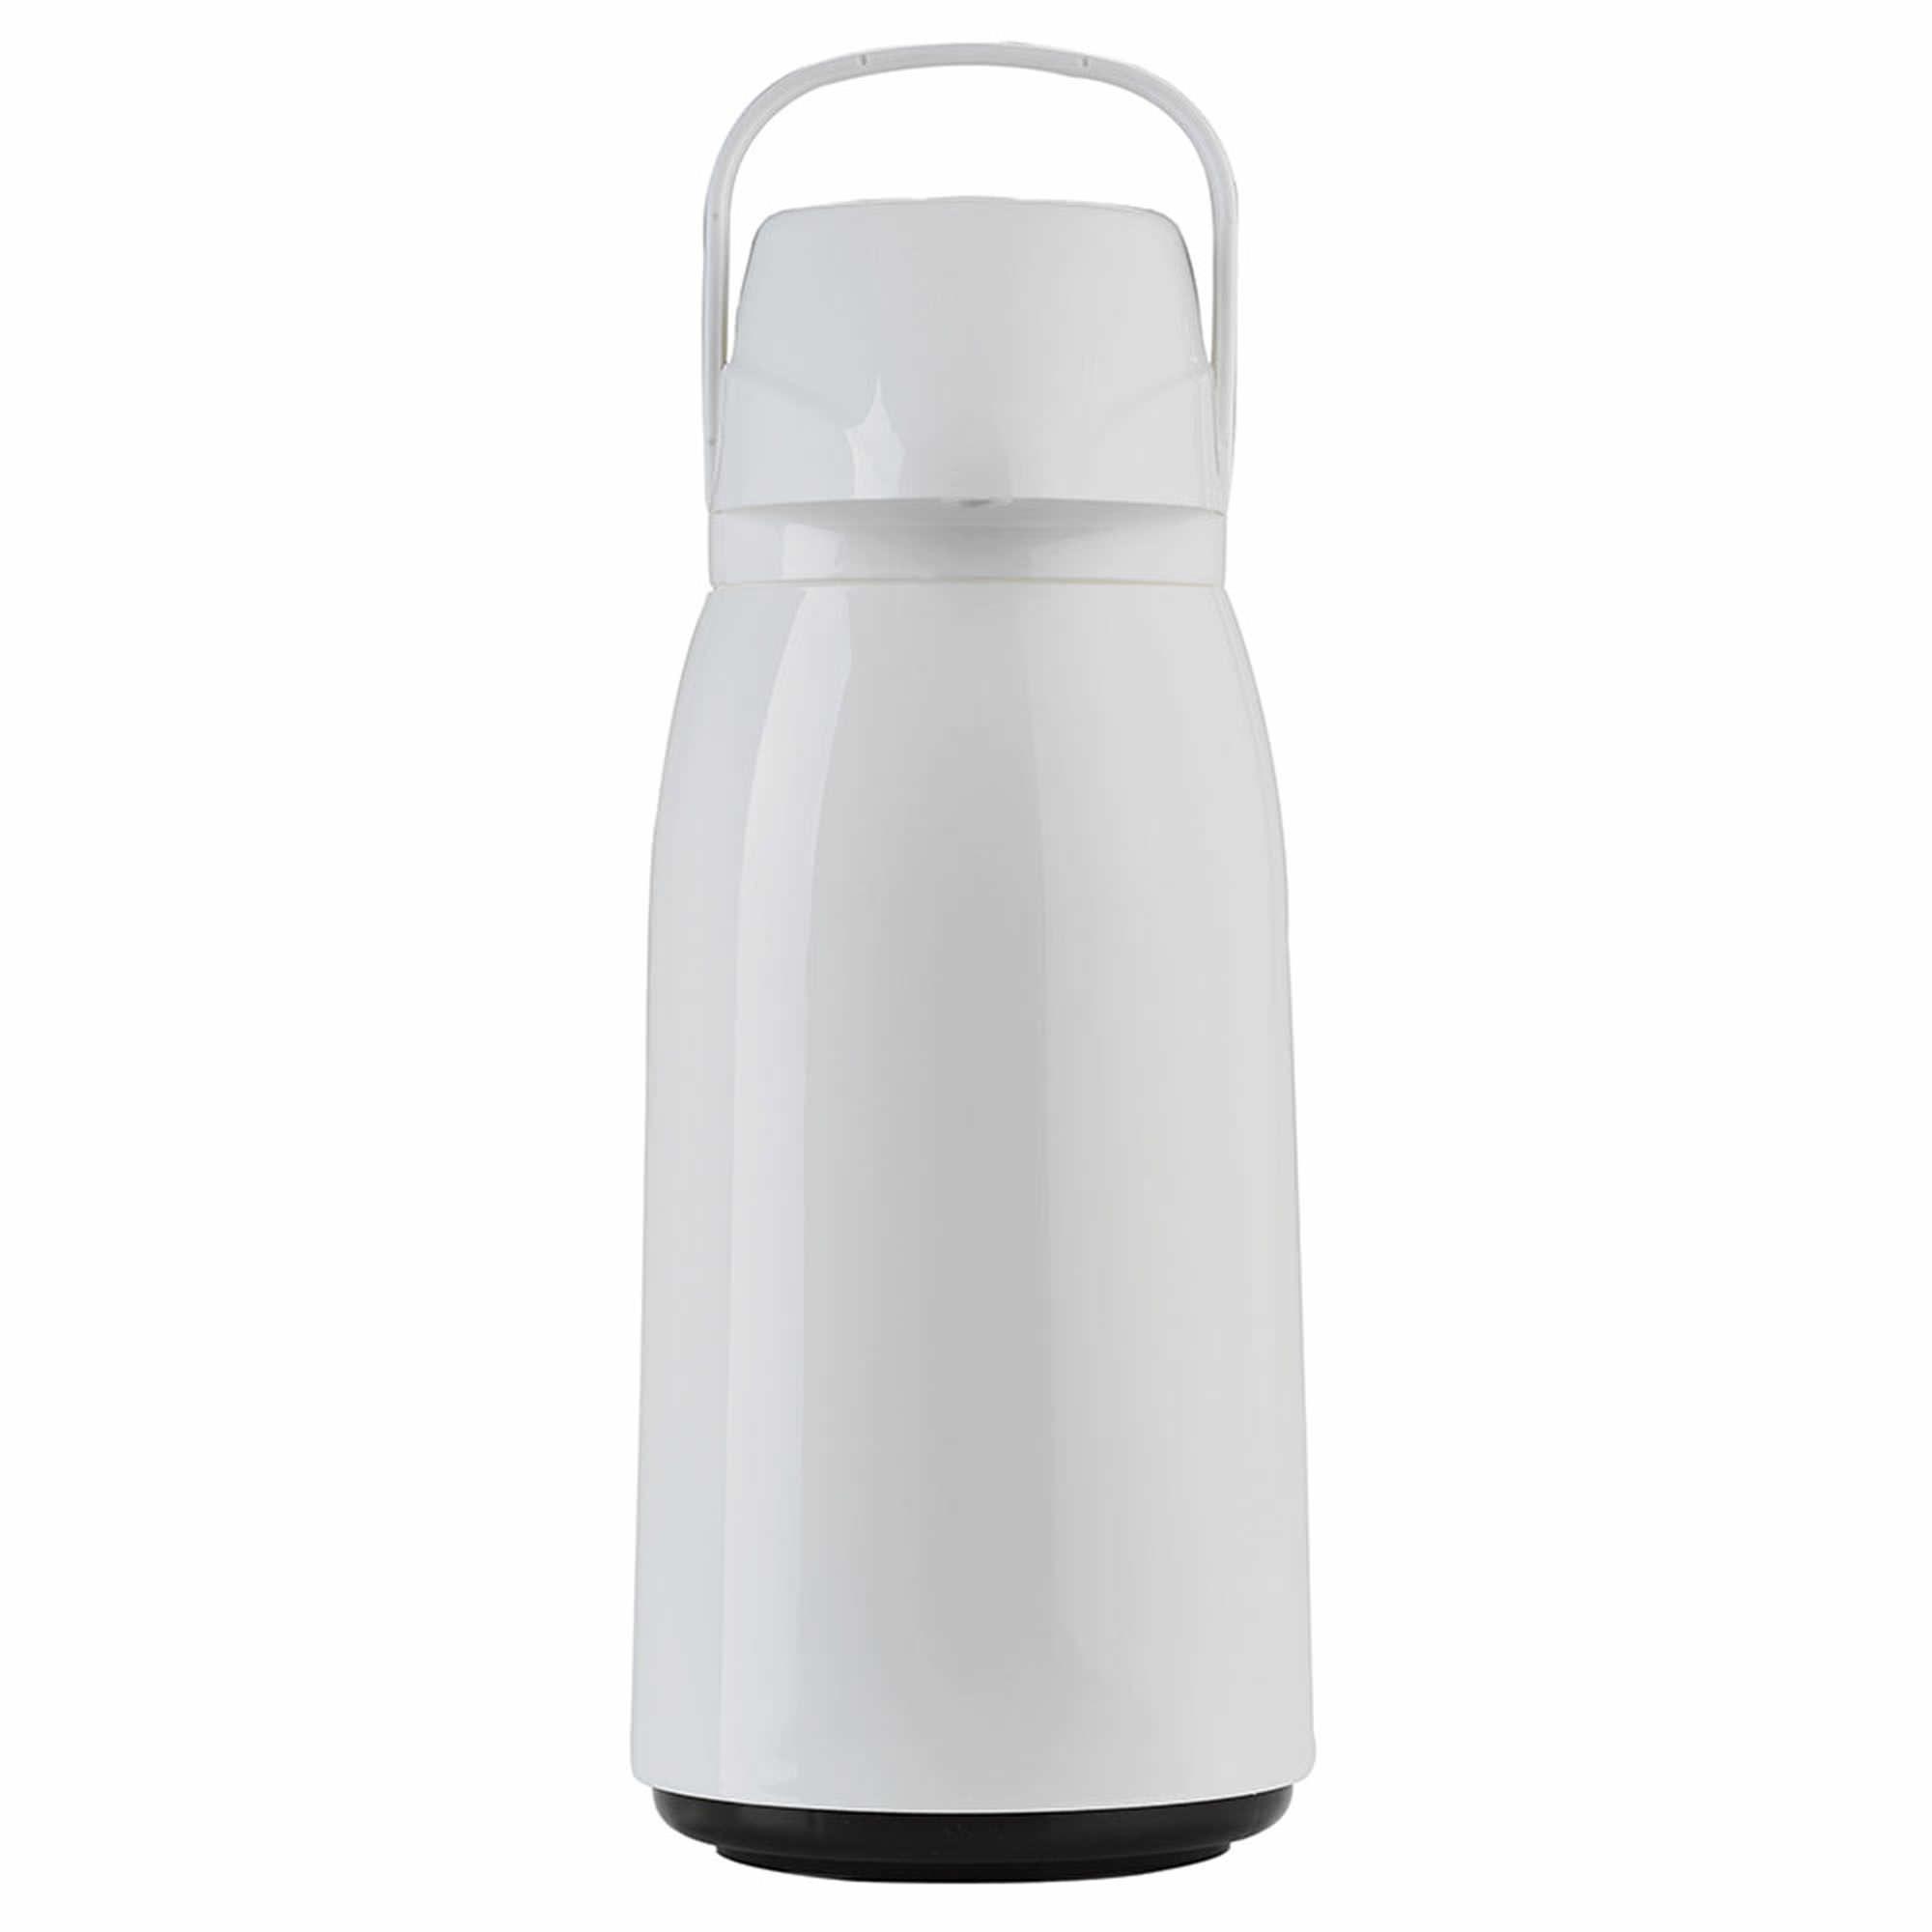 Garrafa Térmica de Pressão 1,8 L Air Pot New Branca